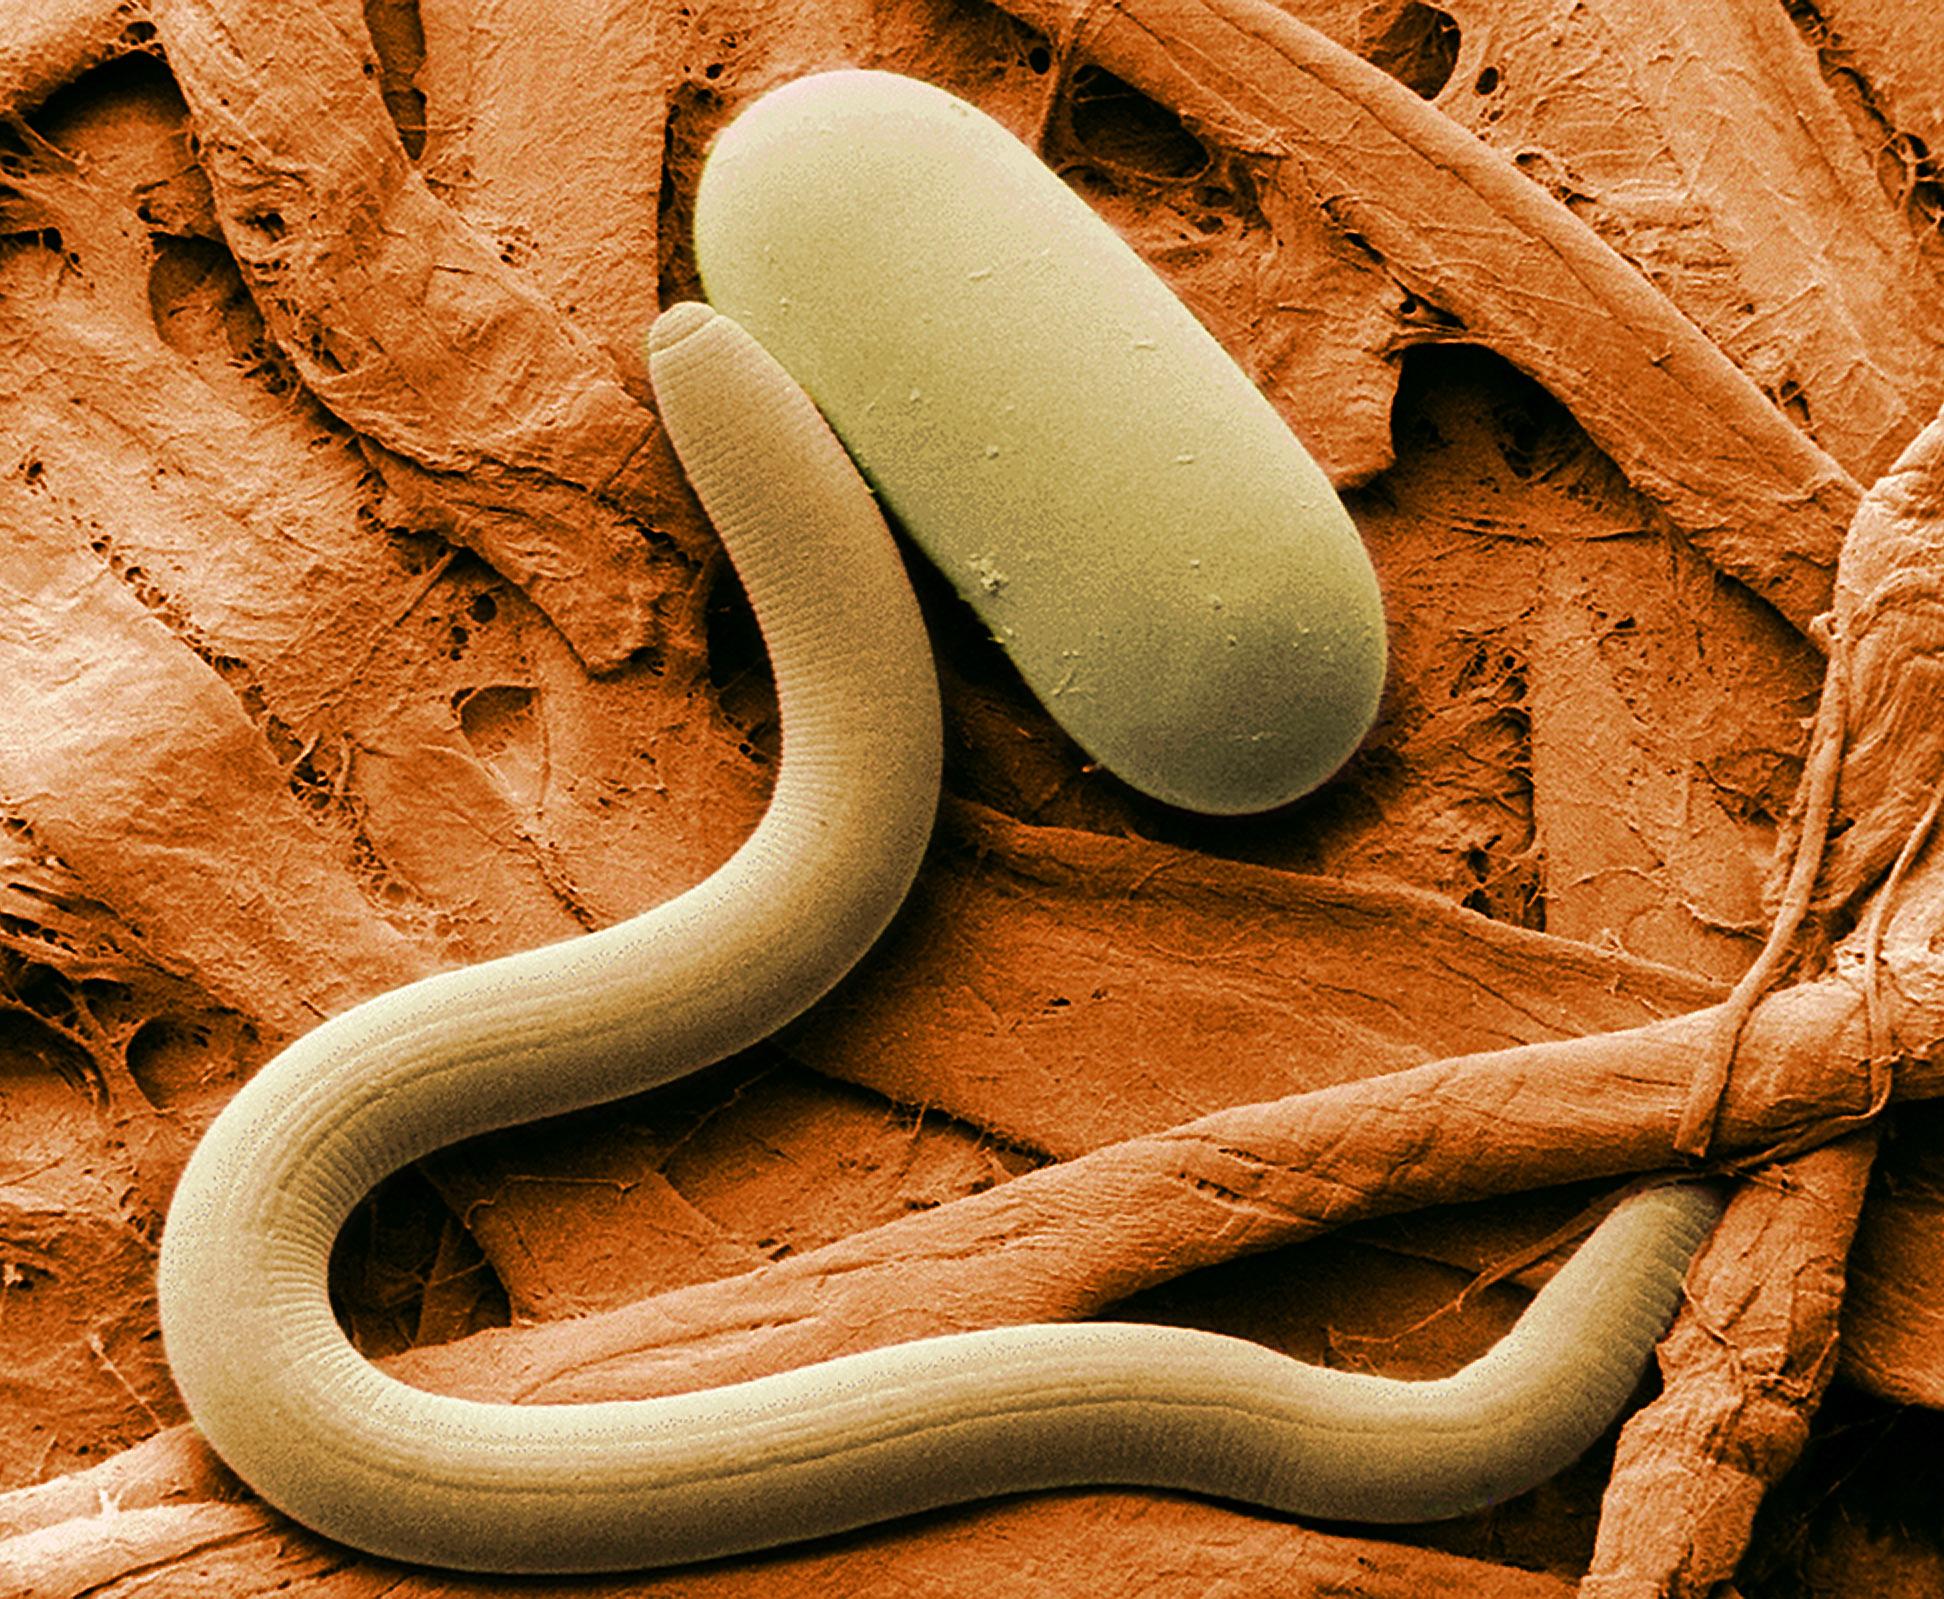 Nemathelminthes phylum. Enterobius vermicularis reino filo classe